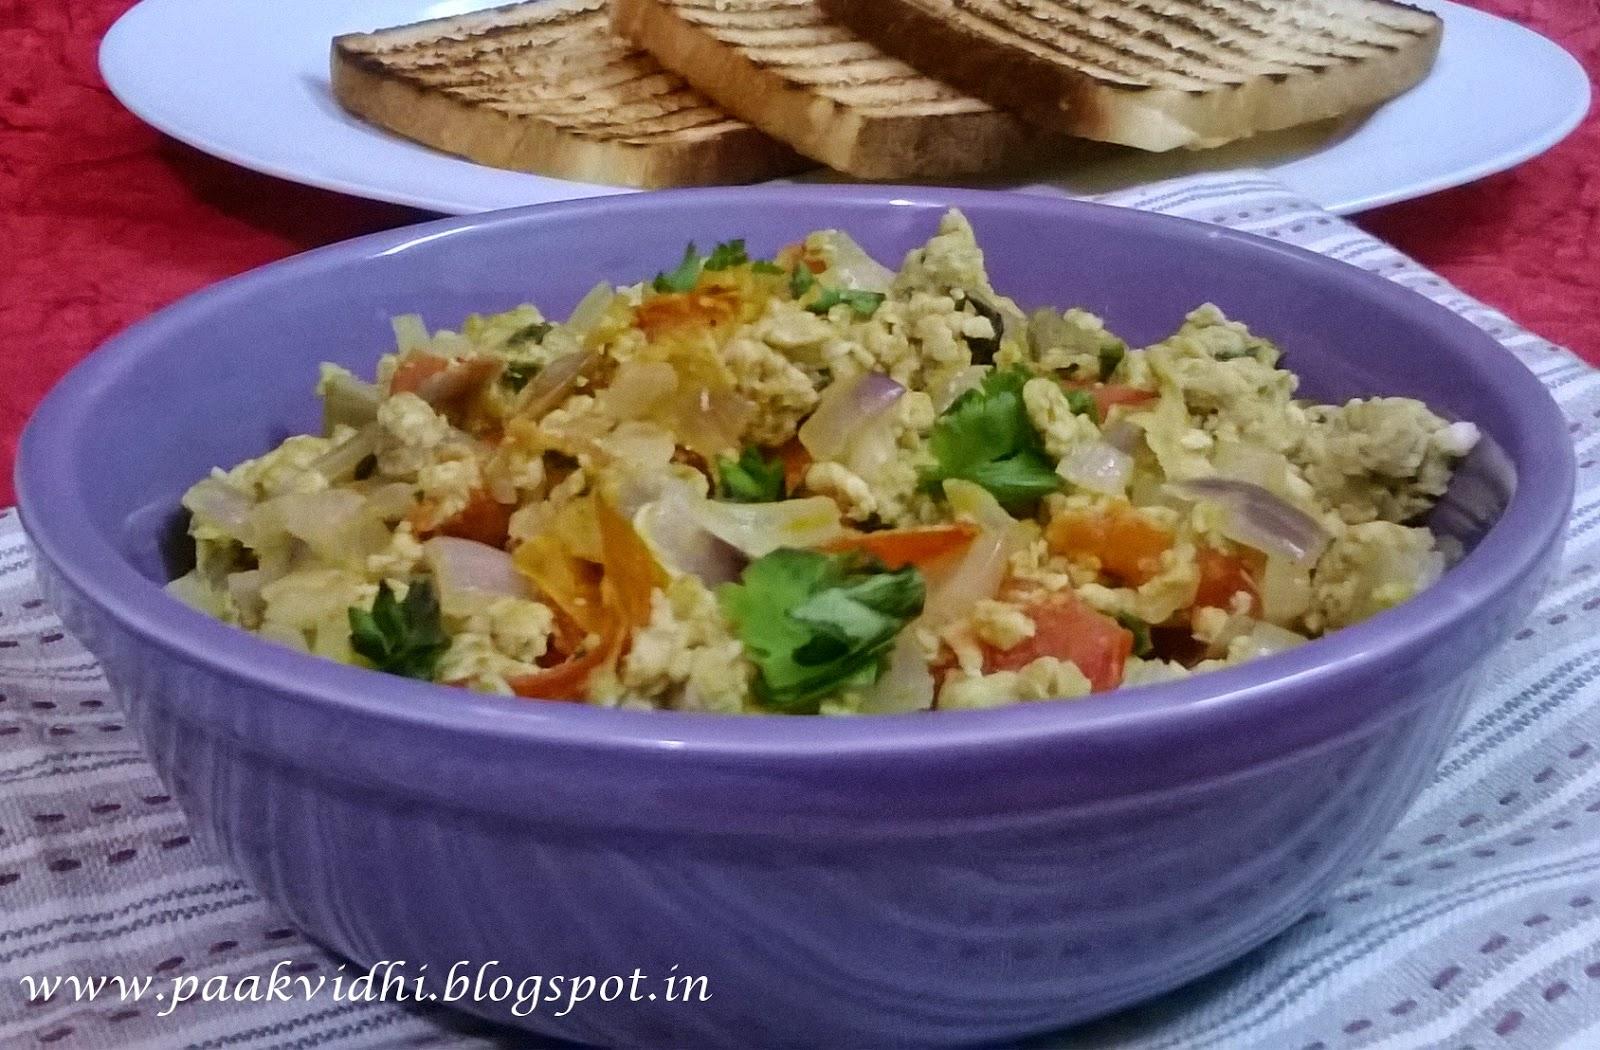 http://paakvidhi.blogspot.in/2014/04/scrambled-egg-egg-bhurji.html